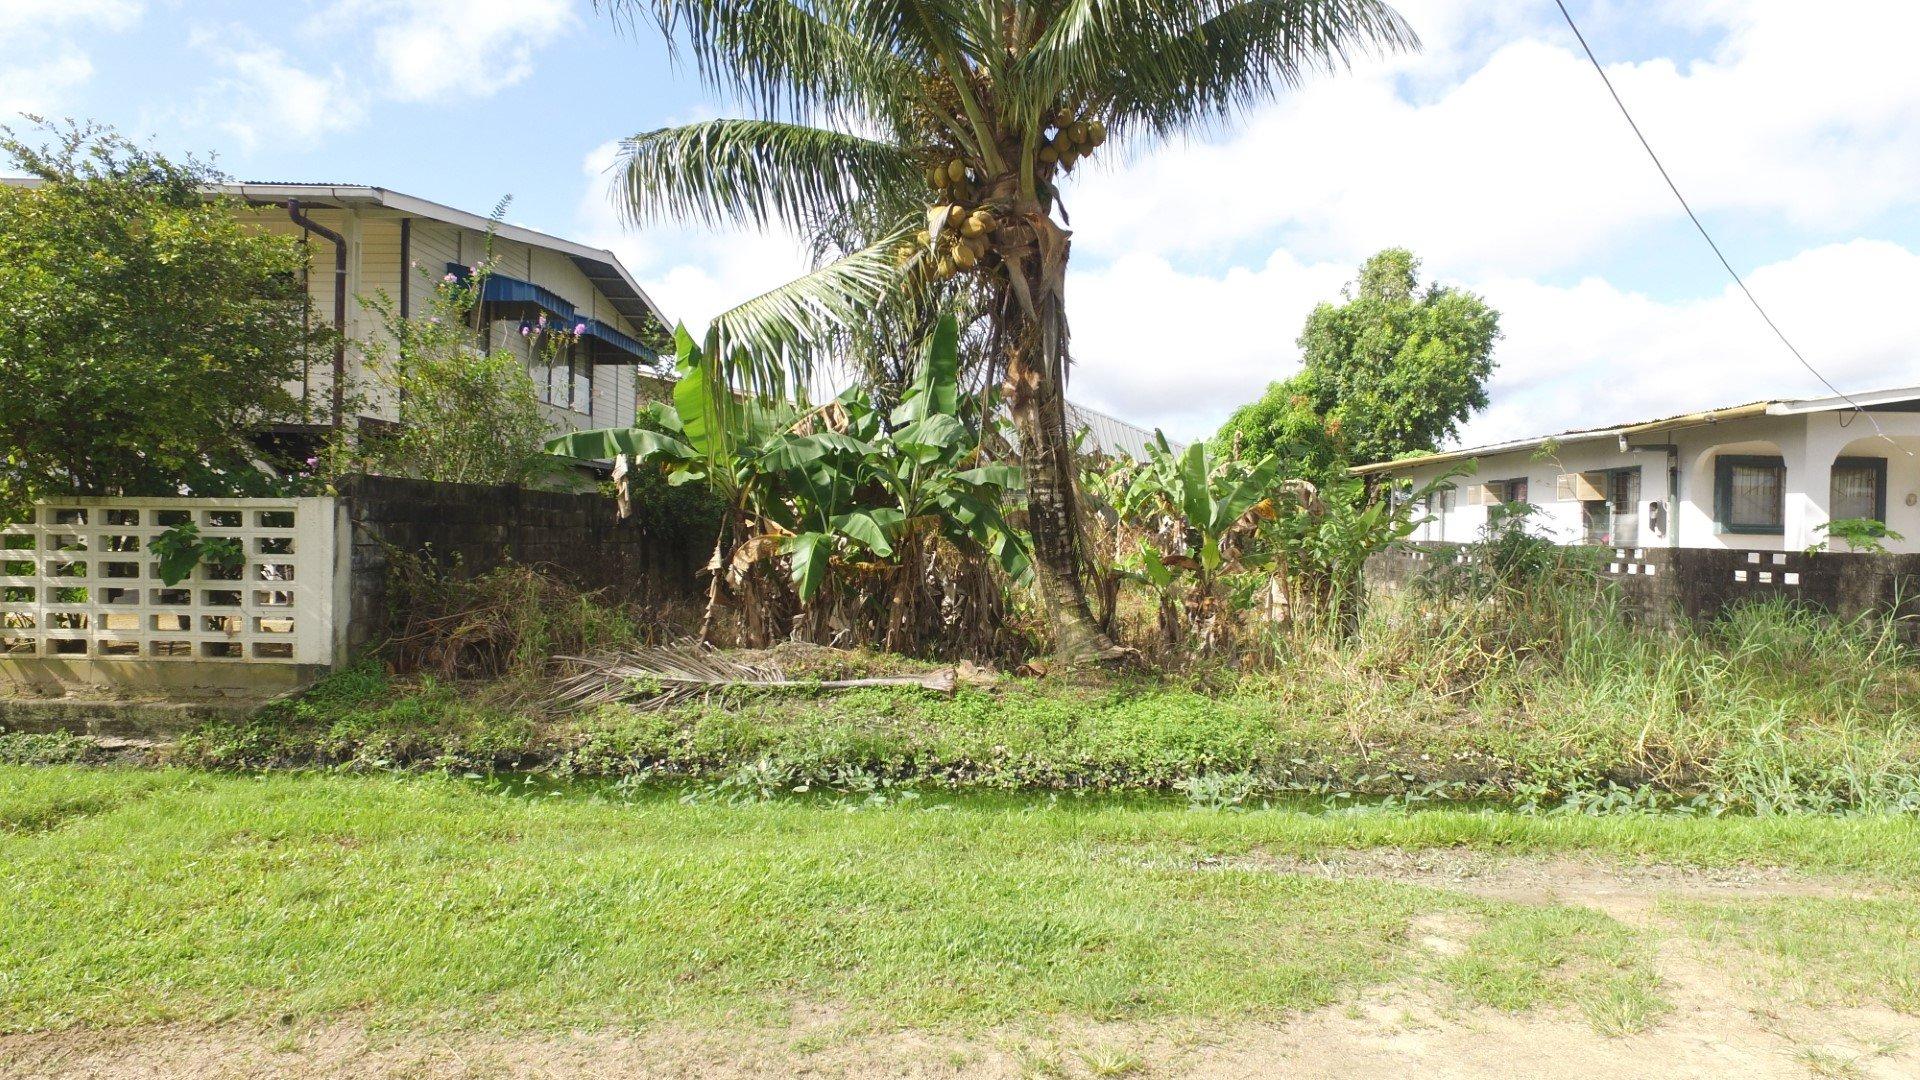 Limastraat Benis Park Paramaribo Suriname Surgoed Makelaardij NV P0422B3 9 - Limastraat perc 206